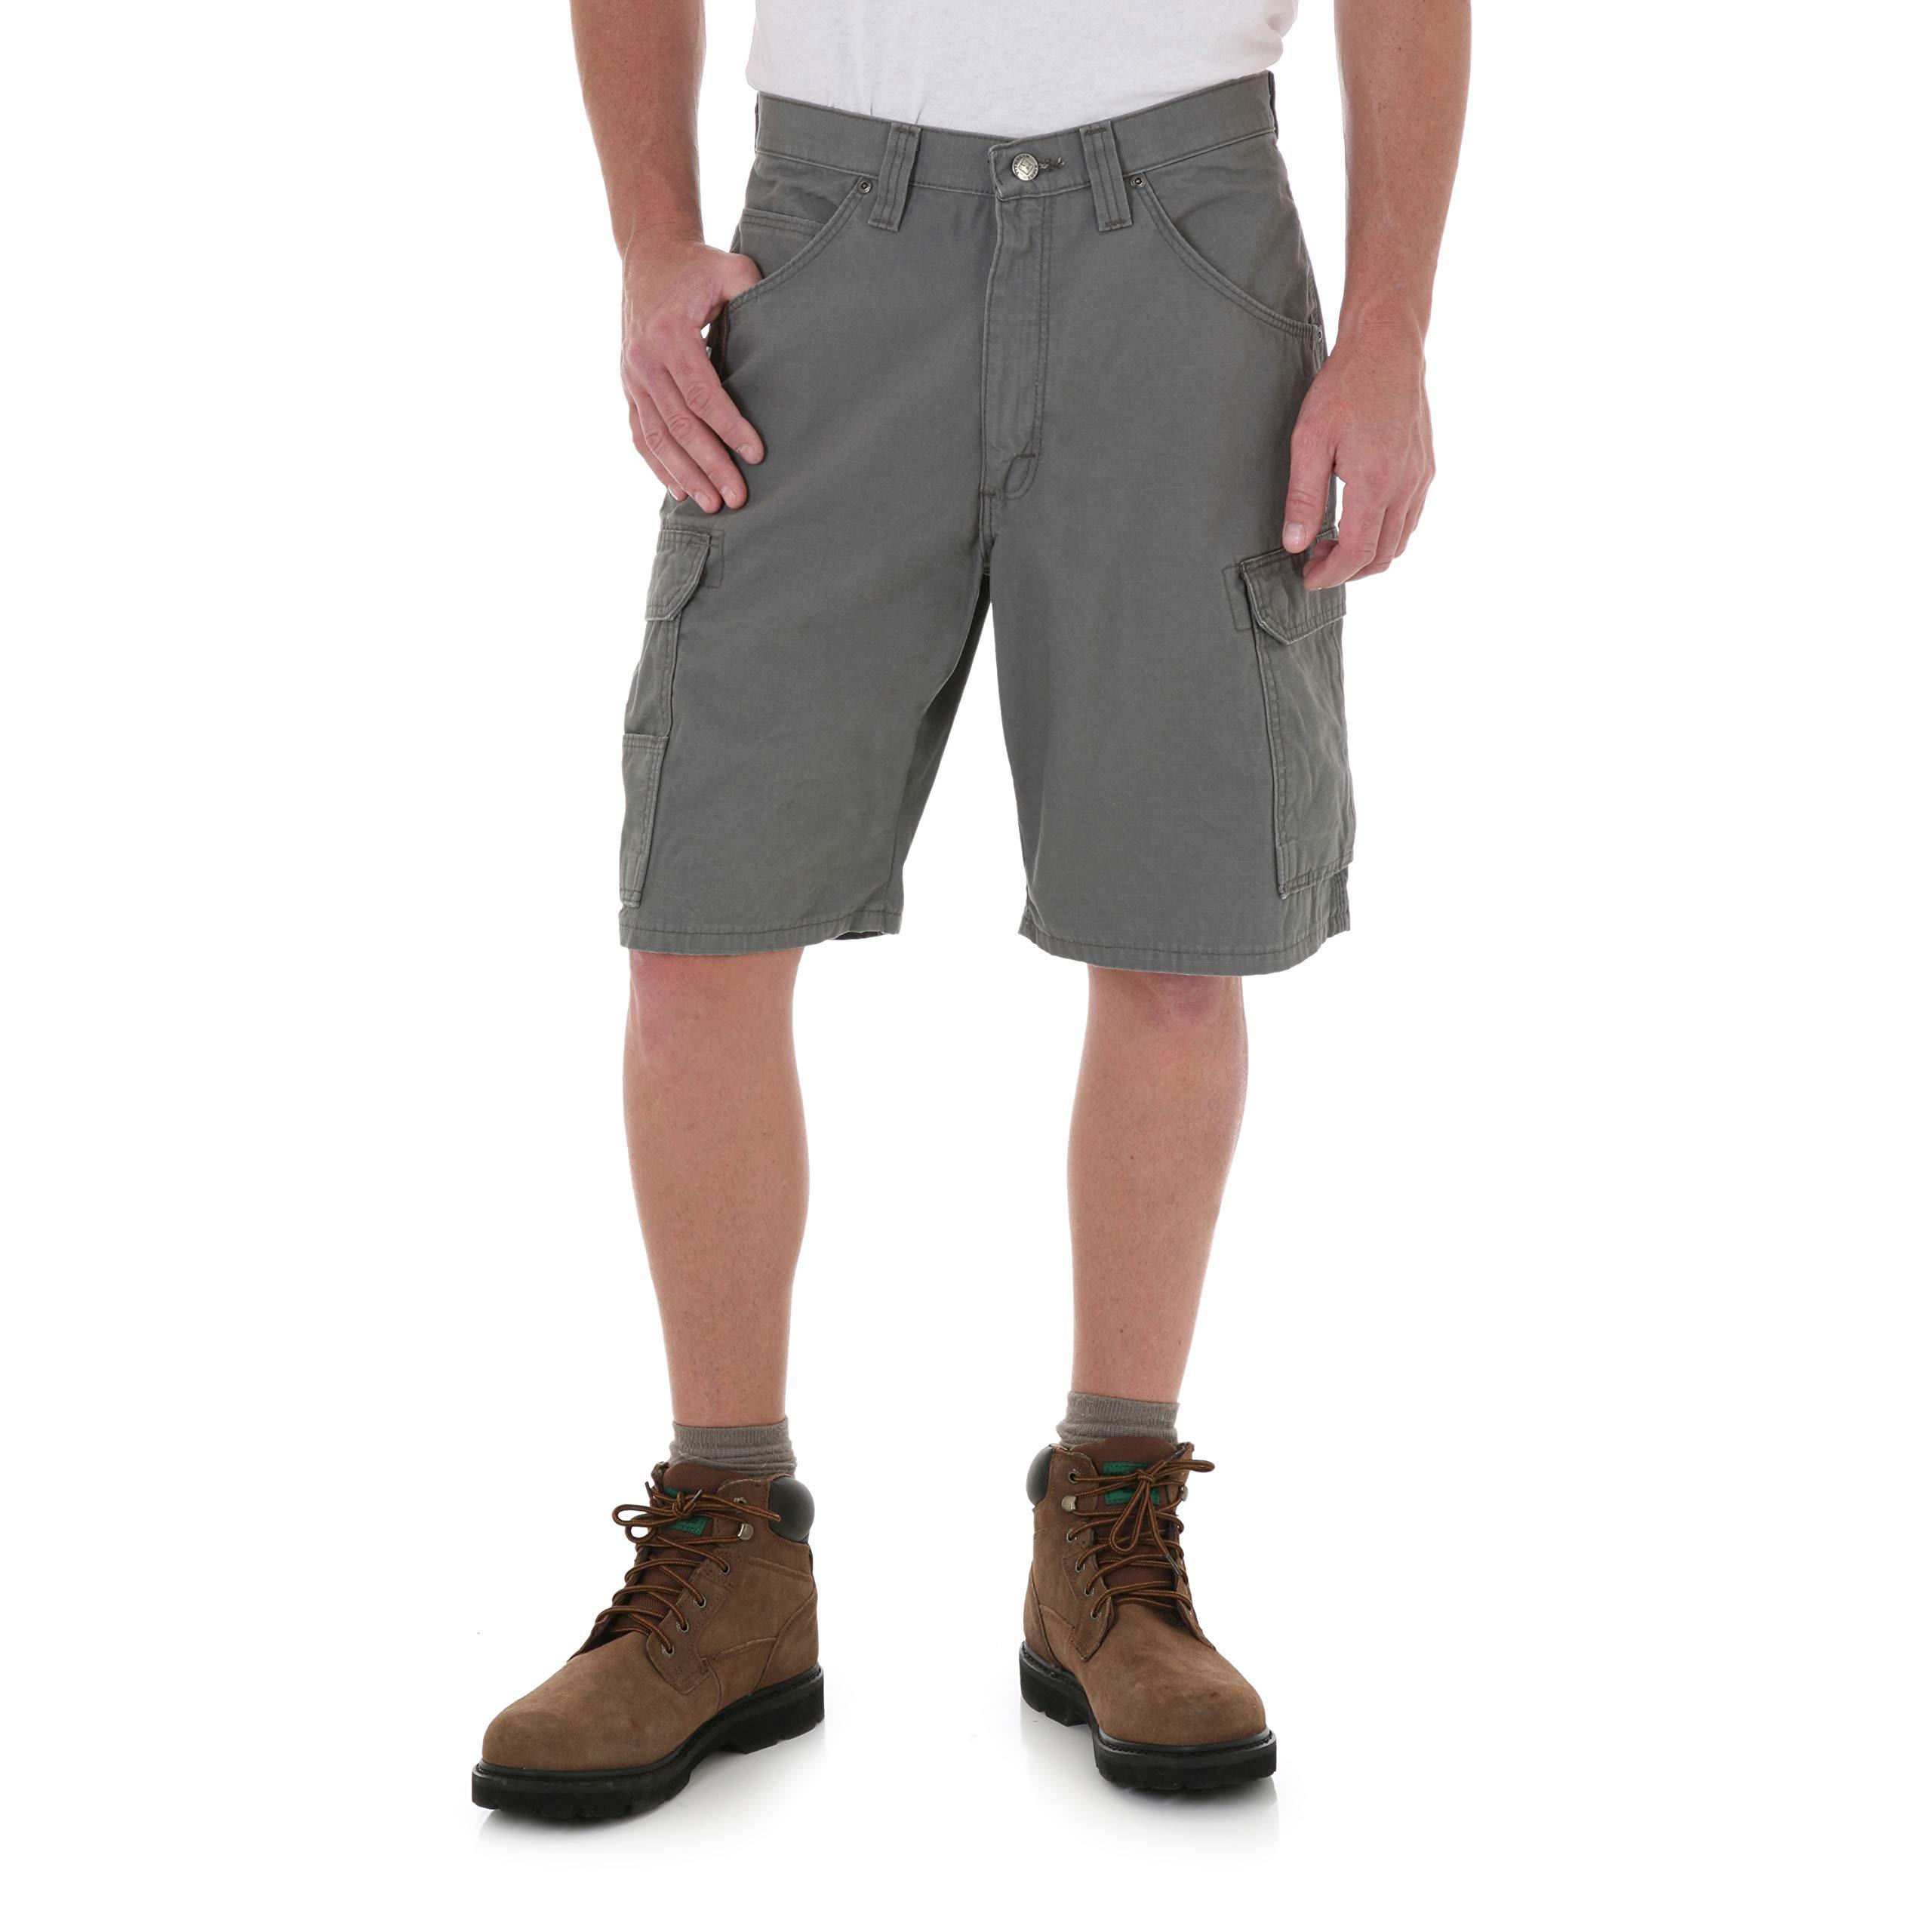 RIGGS WORKWEAR by Wrangler Men's Ripstop Ranger Short, Slate, 36